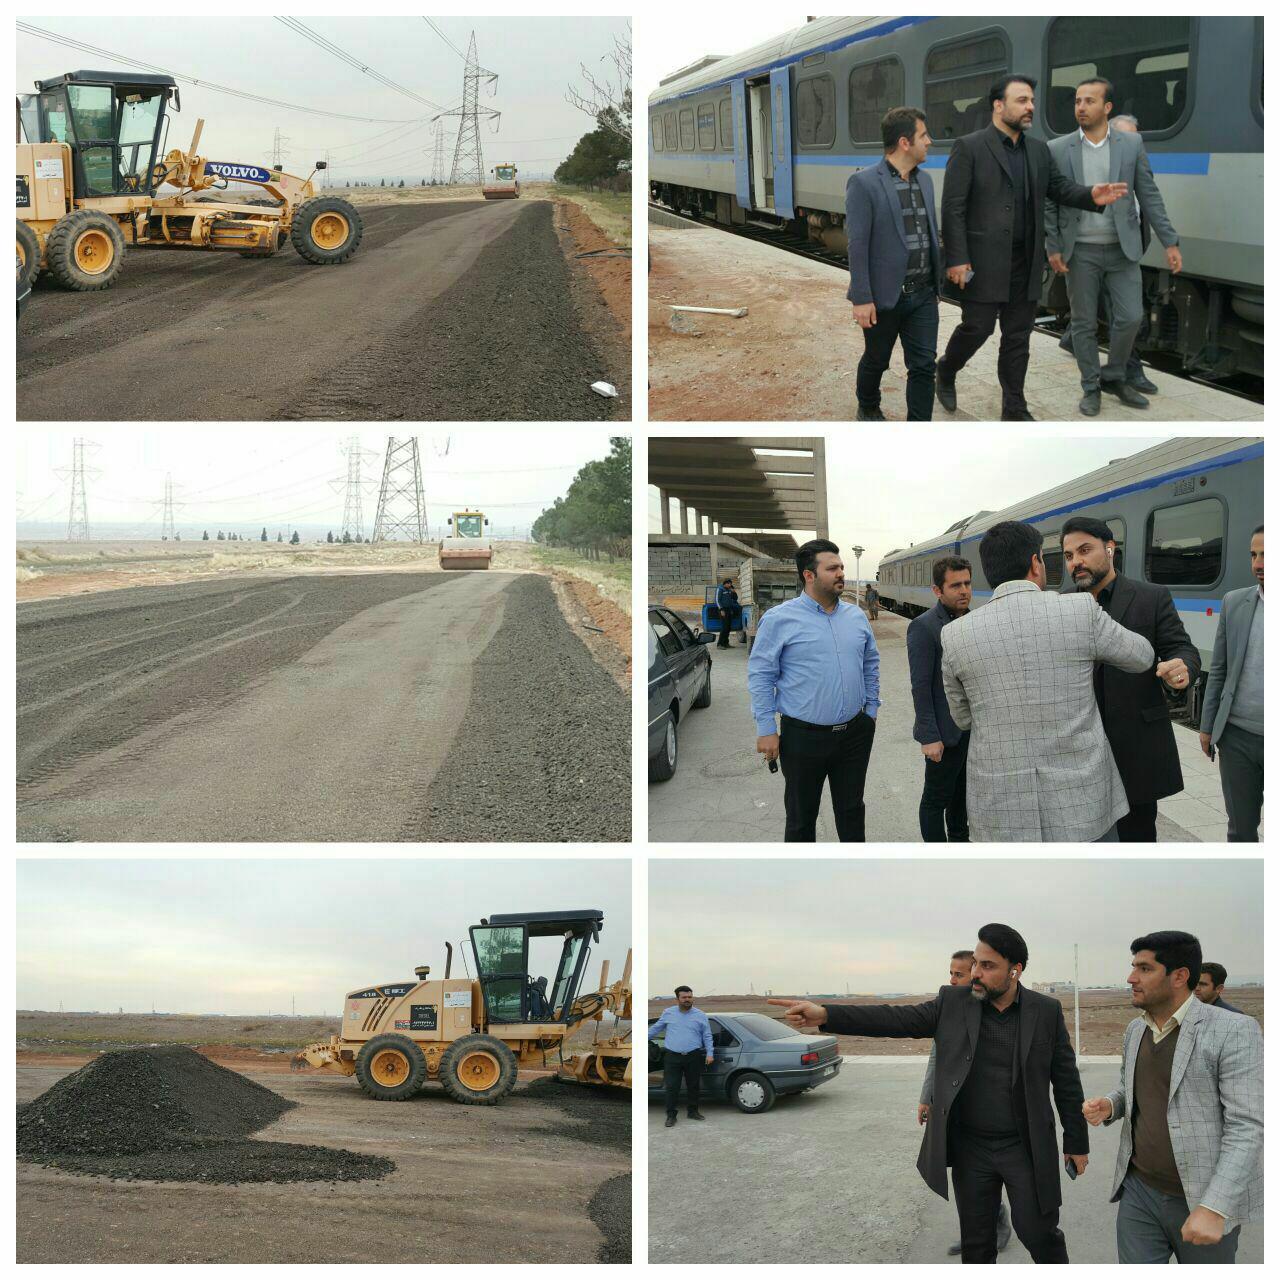 بازدید شهردار پرند از ایستگاه ریل باس/ پروژه توسعه ایستگاه ریل باس آغاز شد